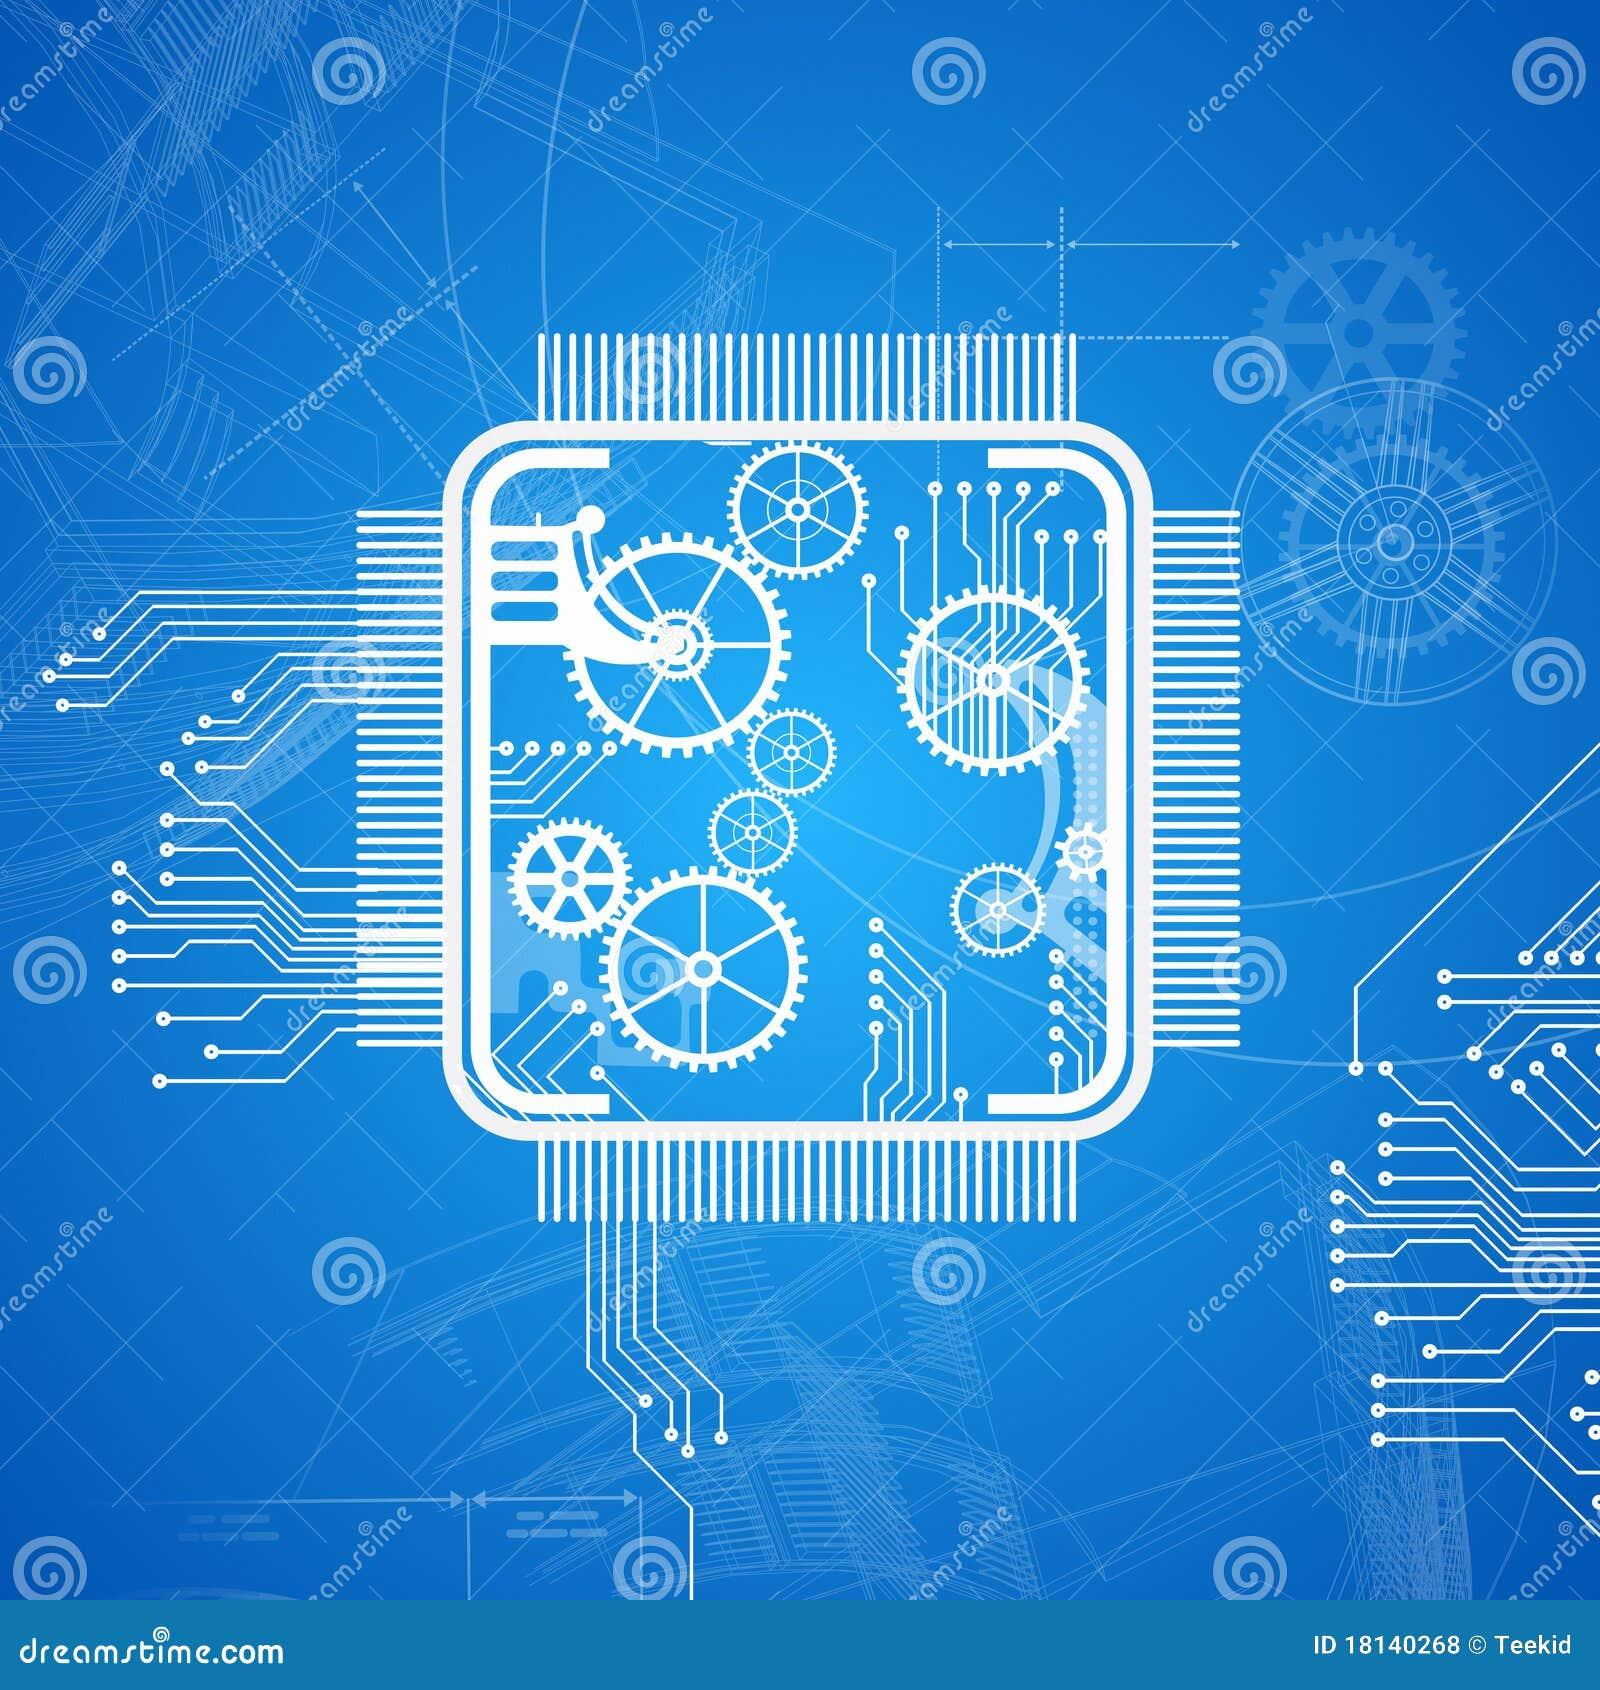 1000 images about blueprints on pinterest for Web design blueprints